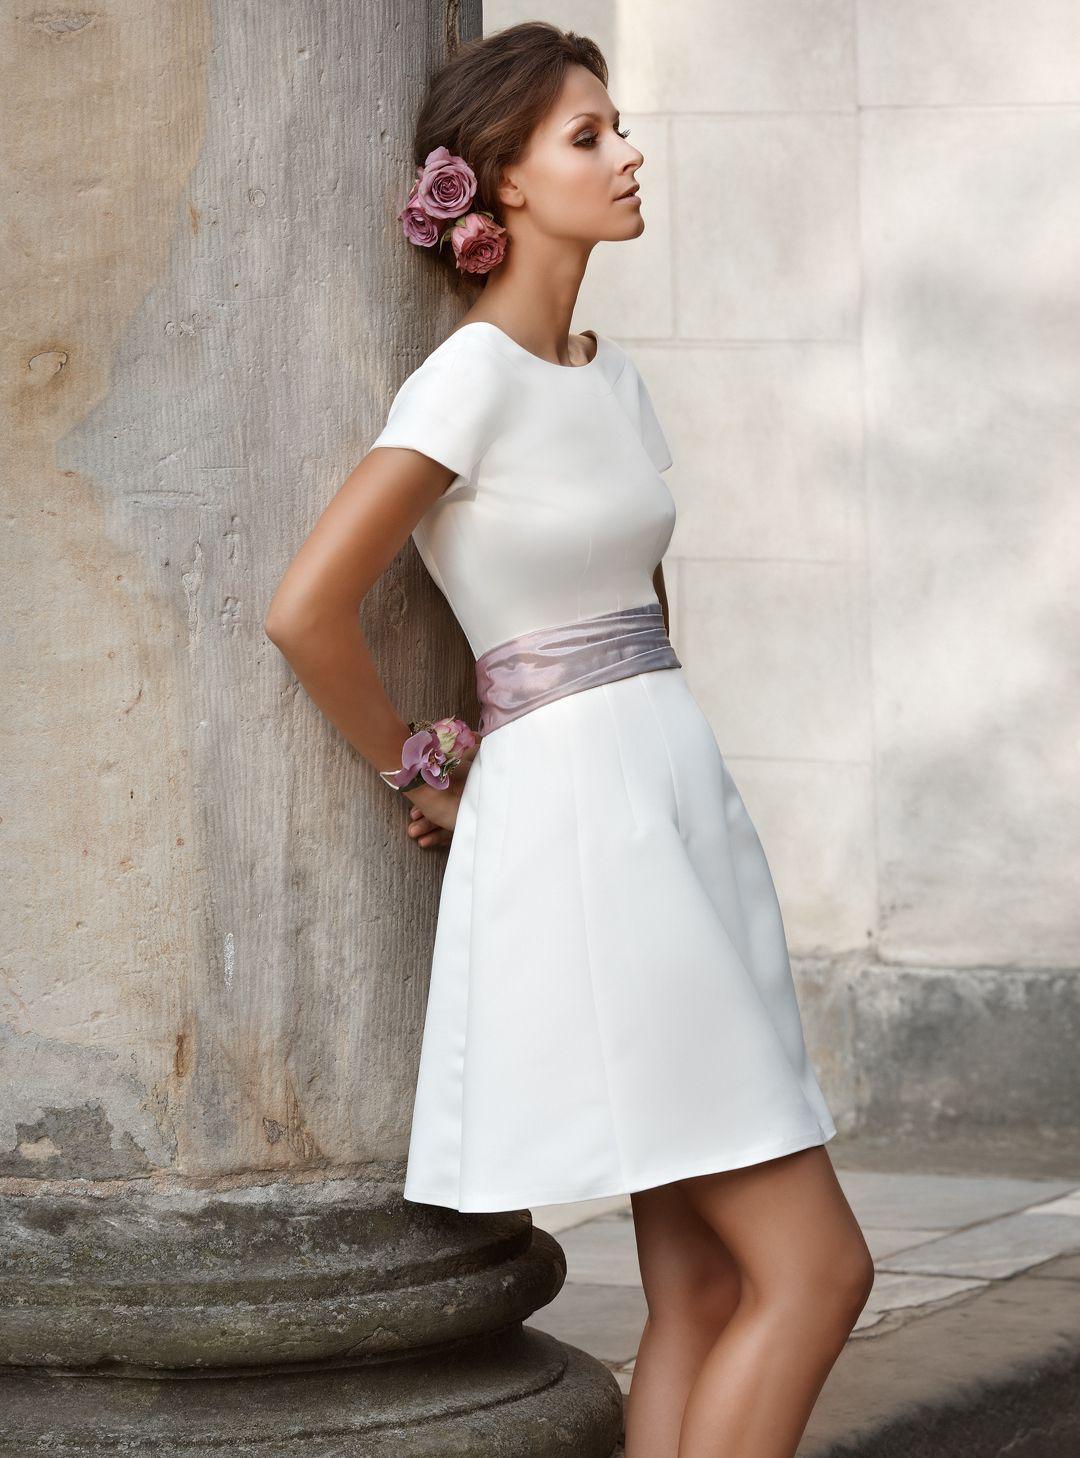 Chłodny krotka sukienka slubna? - [strona 17] - Forum ślubne Ślub-Wesele IW45